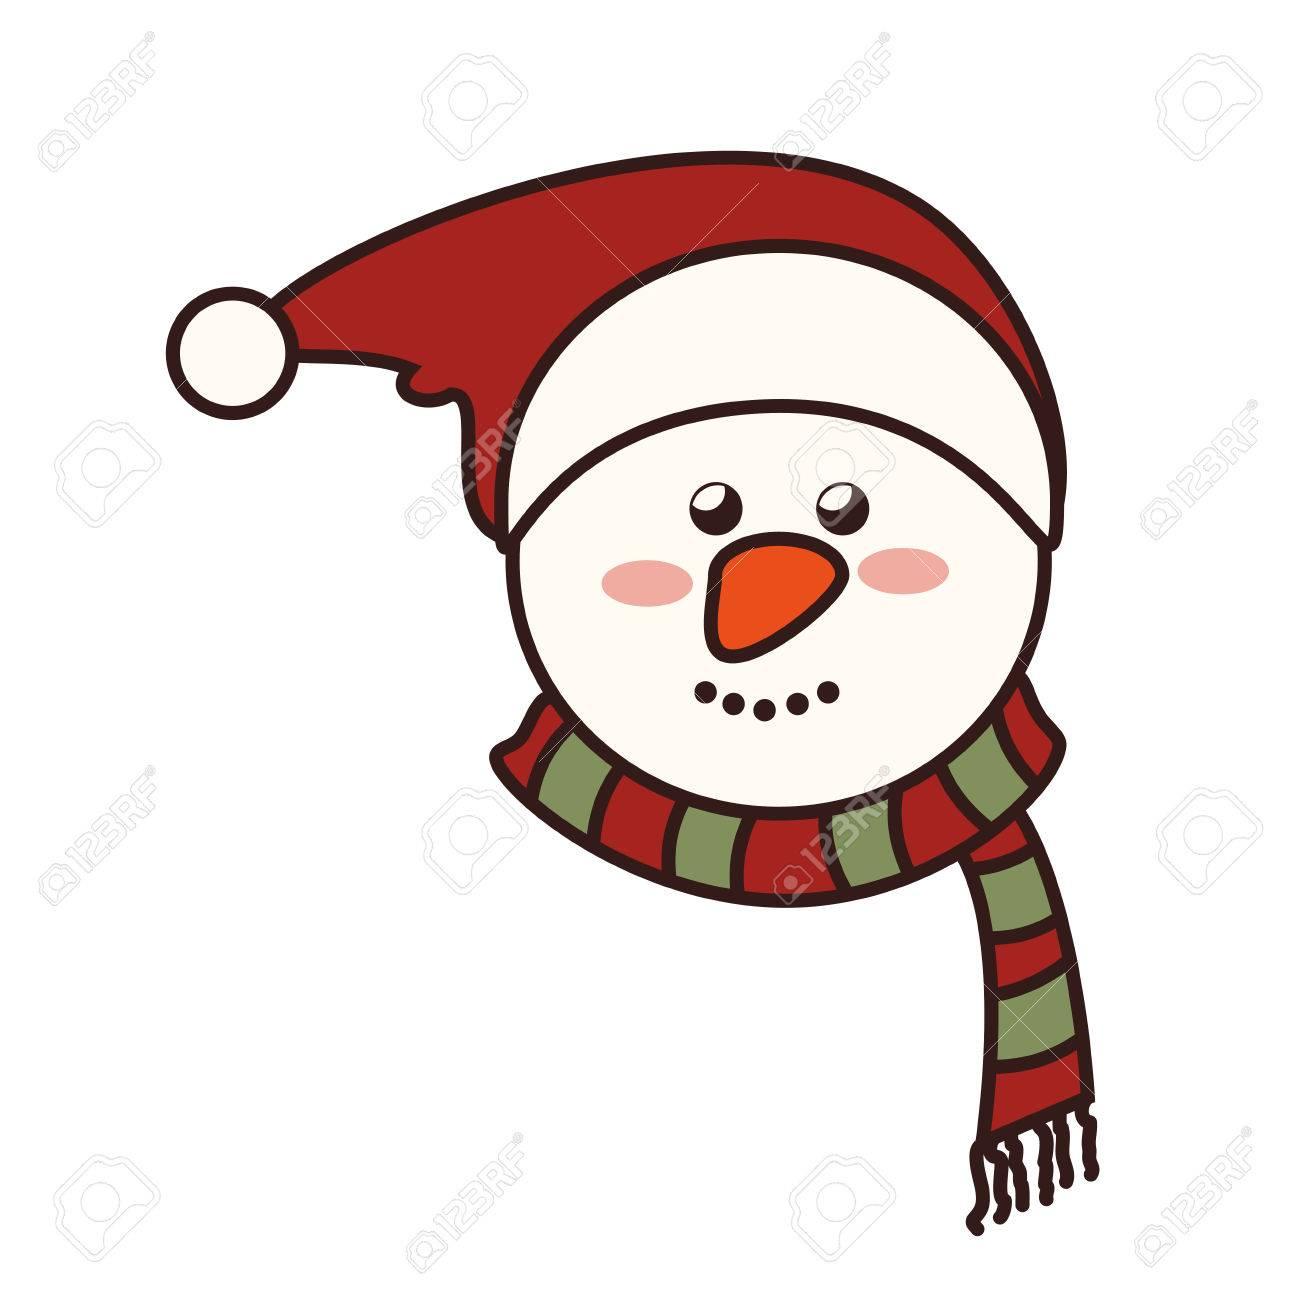 Bonhomme Graphique visage de bonhomme de neige noël noël saison chapeau nez souriant